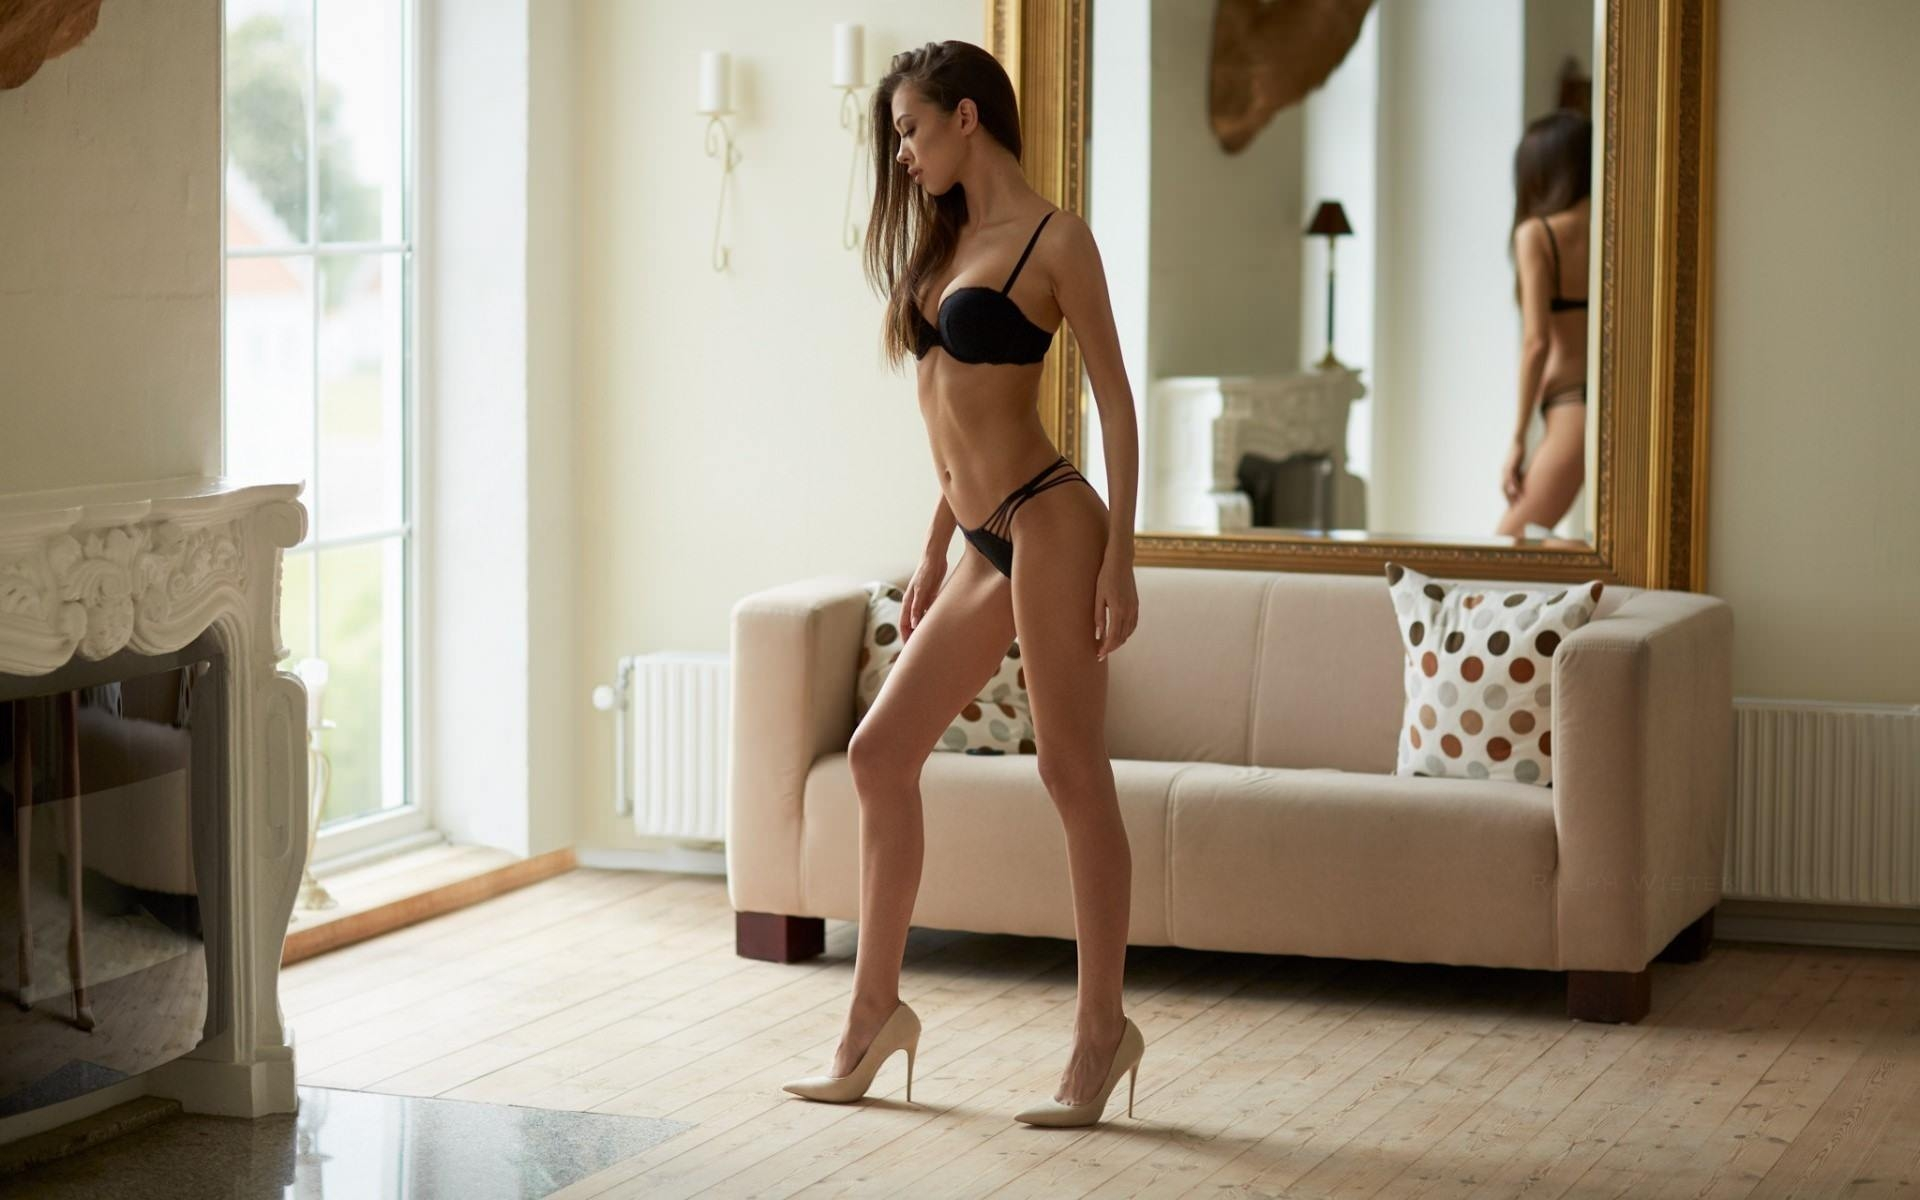 Фото Длинноногая девушка в черном нижнем белье и на каблуках в комнате, скачать картинку бесплатно